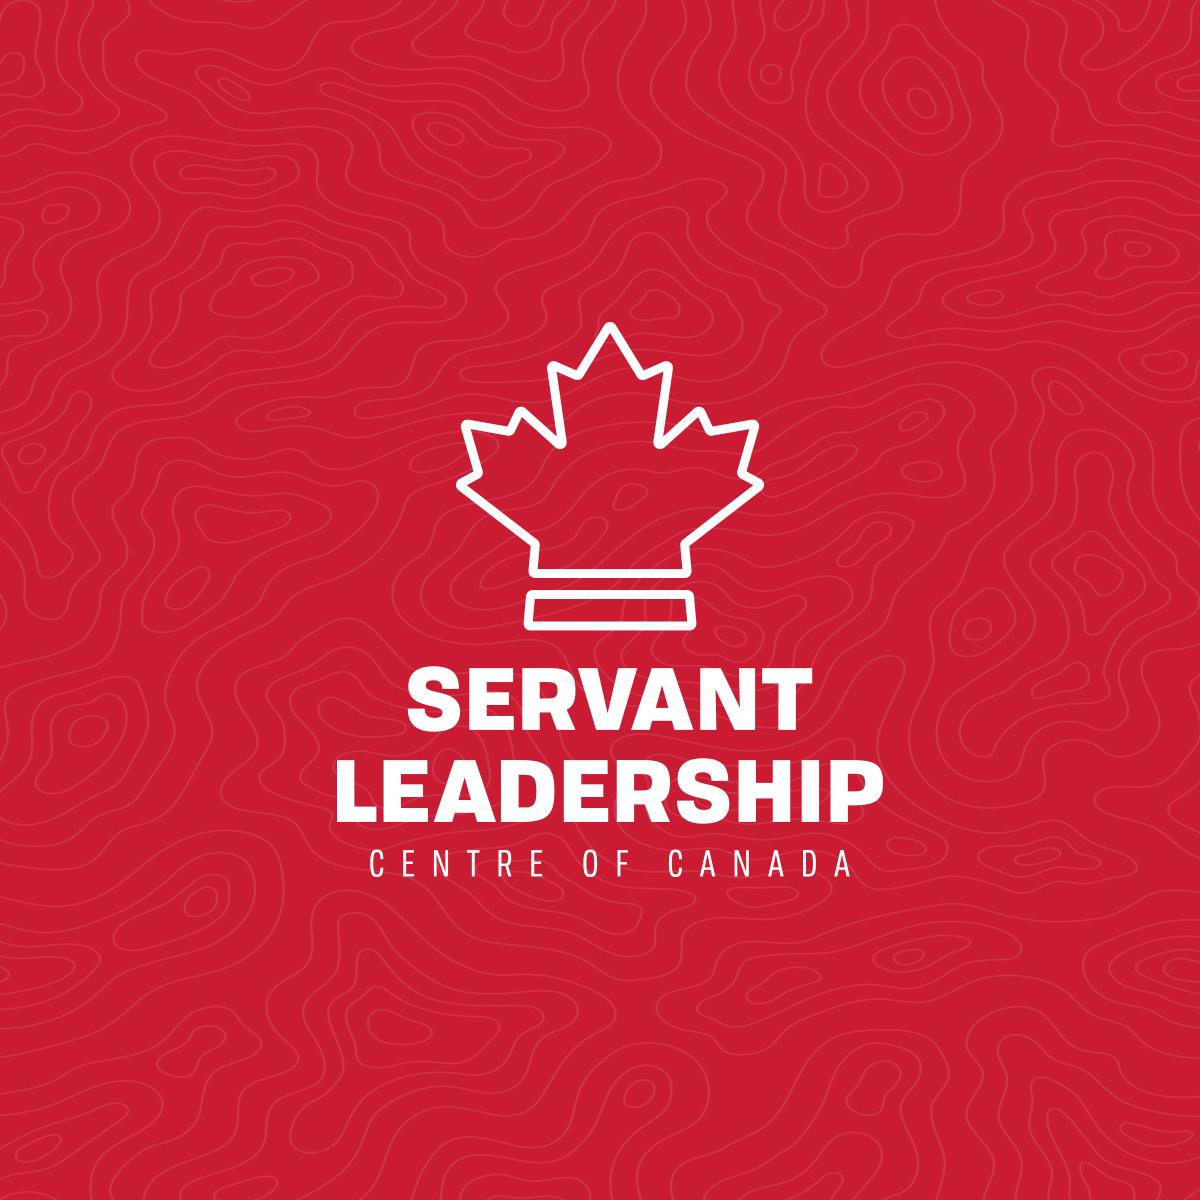 Graphic Design Company Regina - Makewell Creative Co. - Servant Leadership Centre of Canada